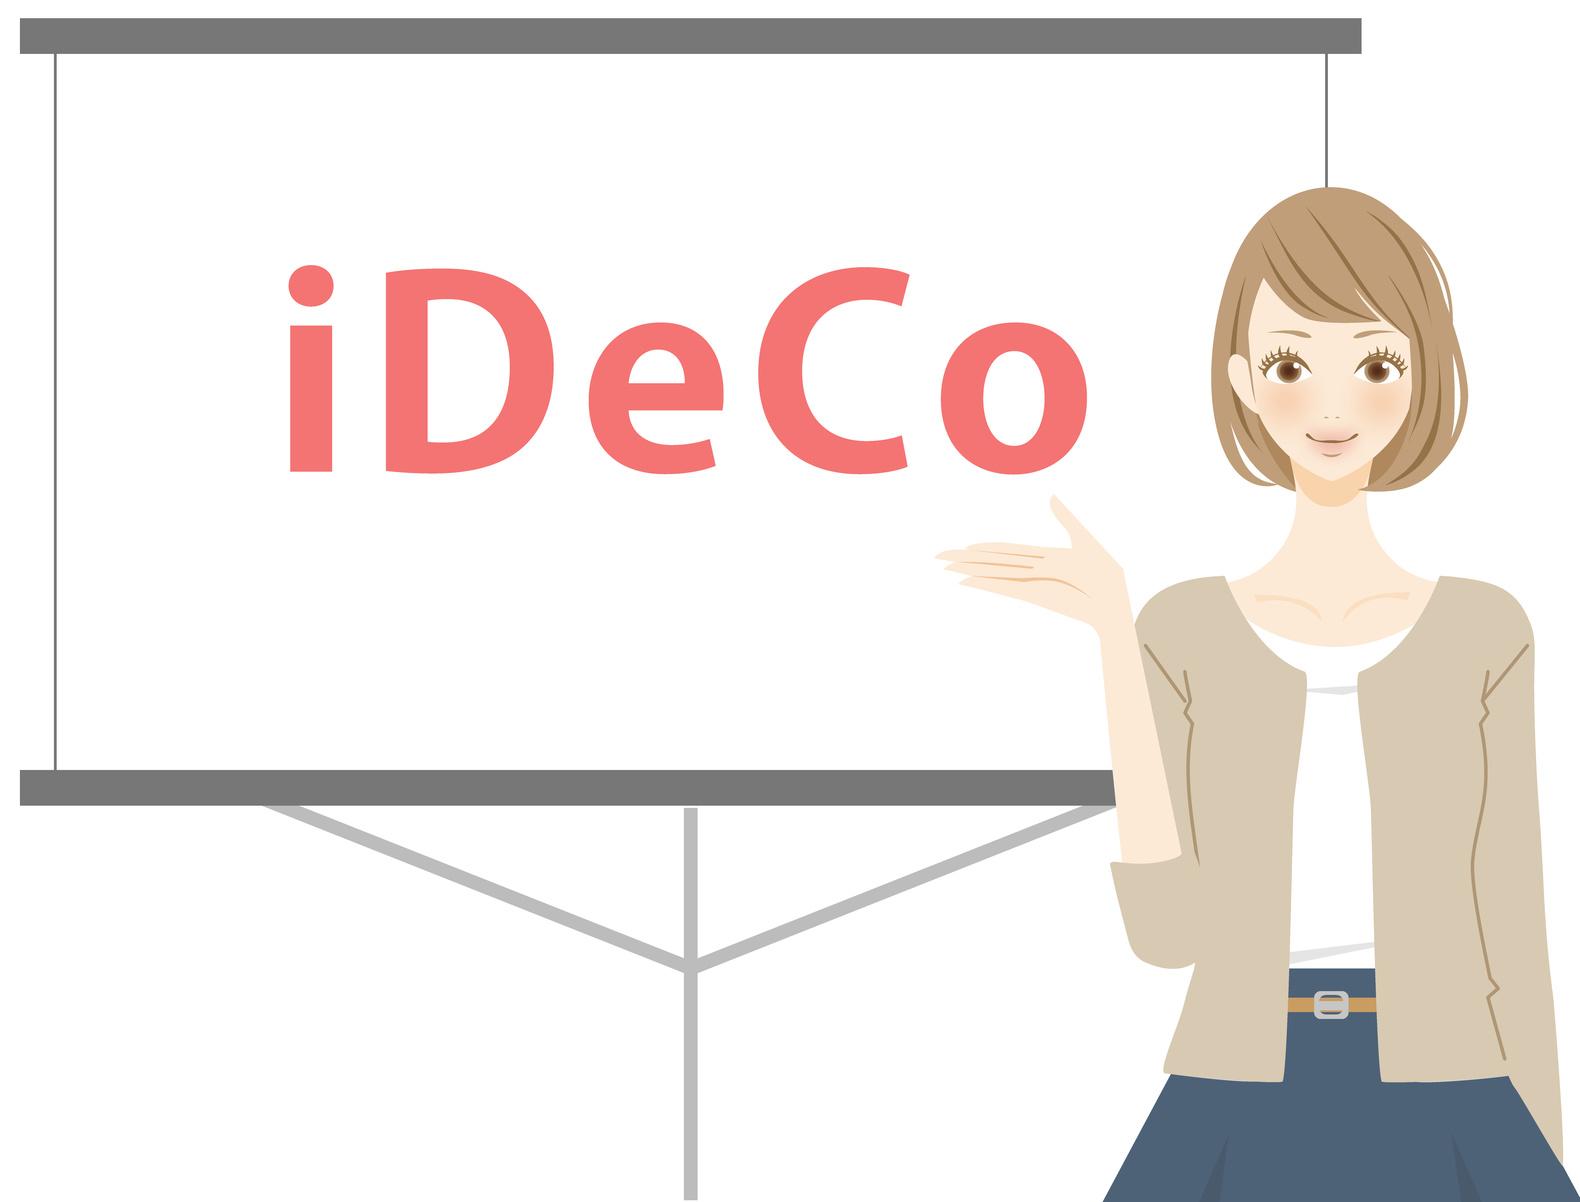 手数料が低いSBI証券のiDeCo口座の魅力!オリジナルプランとセレクトプランの違いから運用商品を徹底解説。